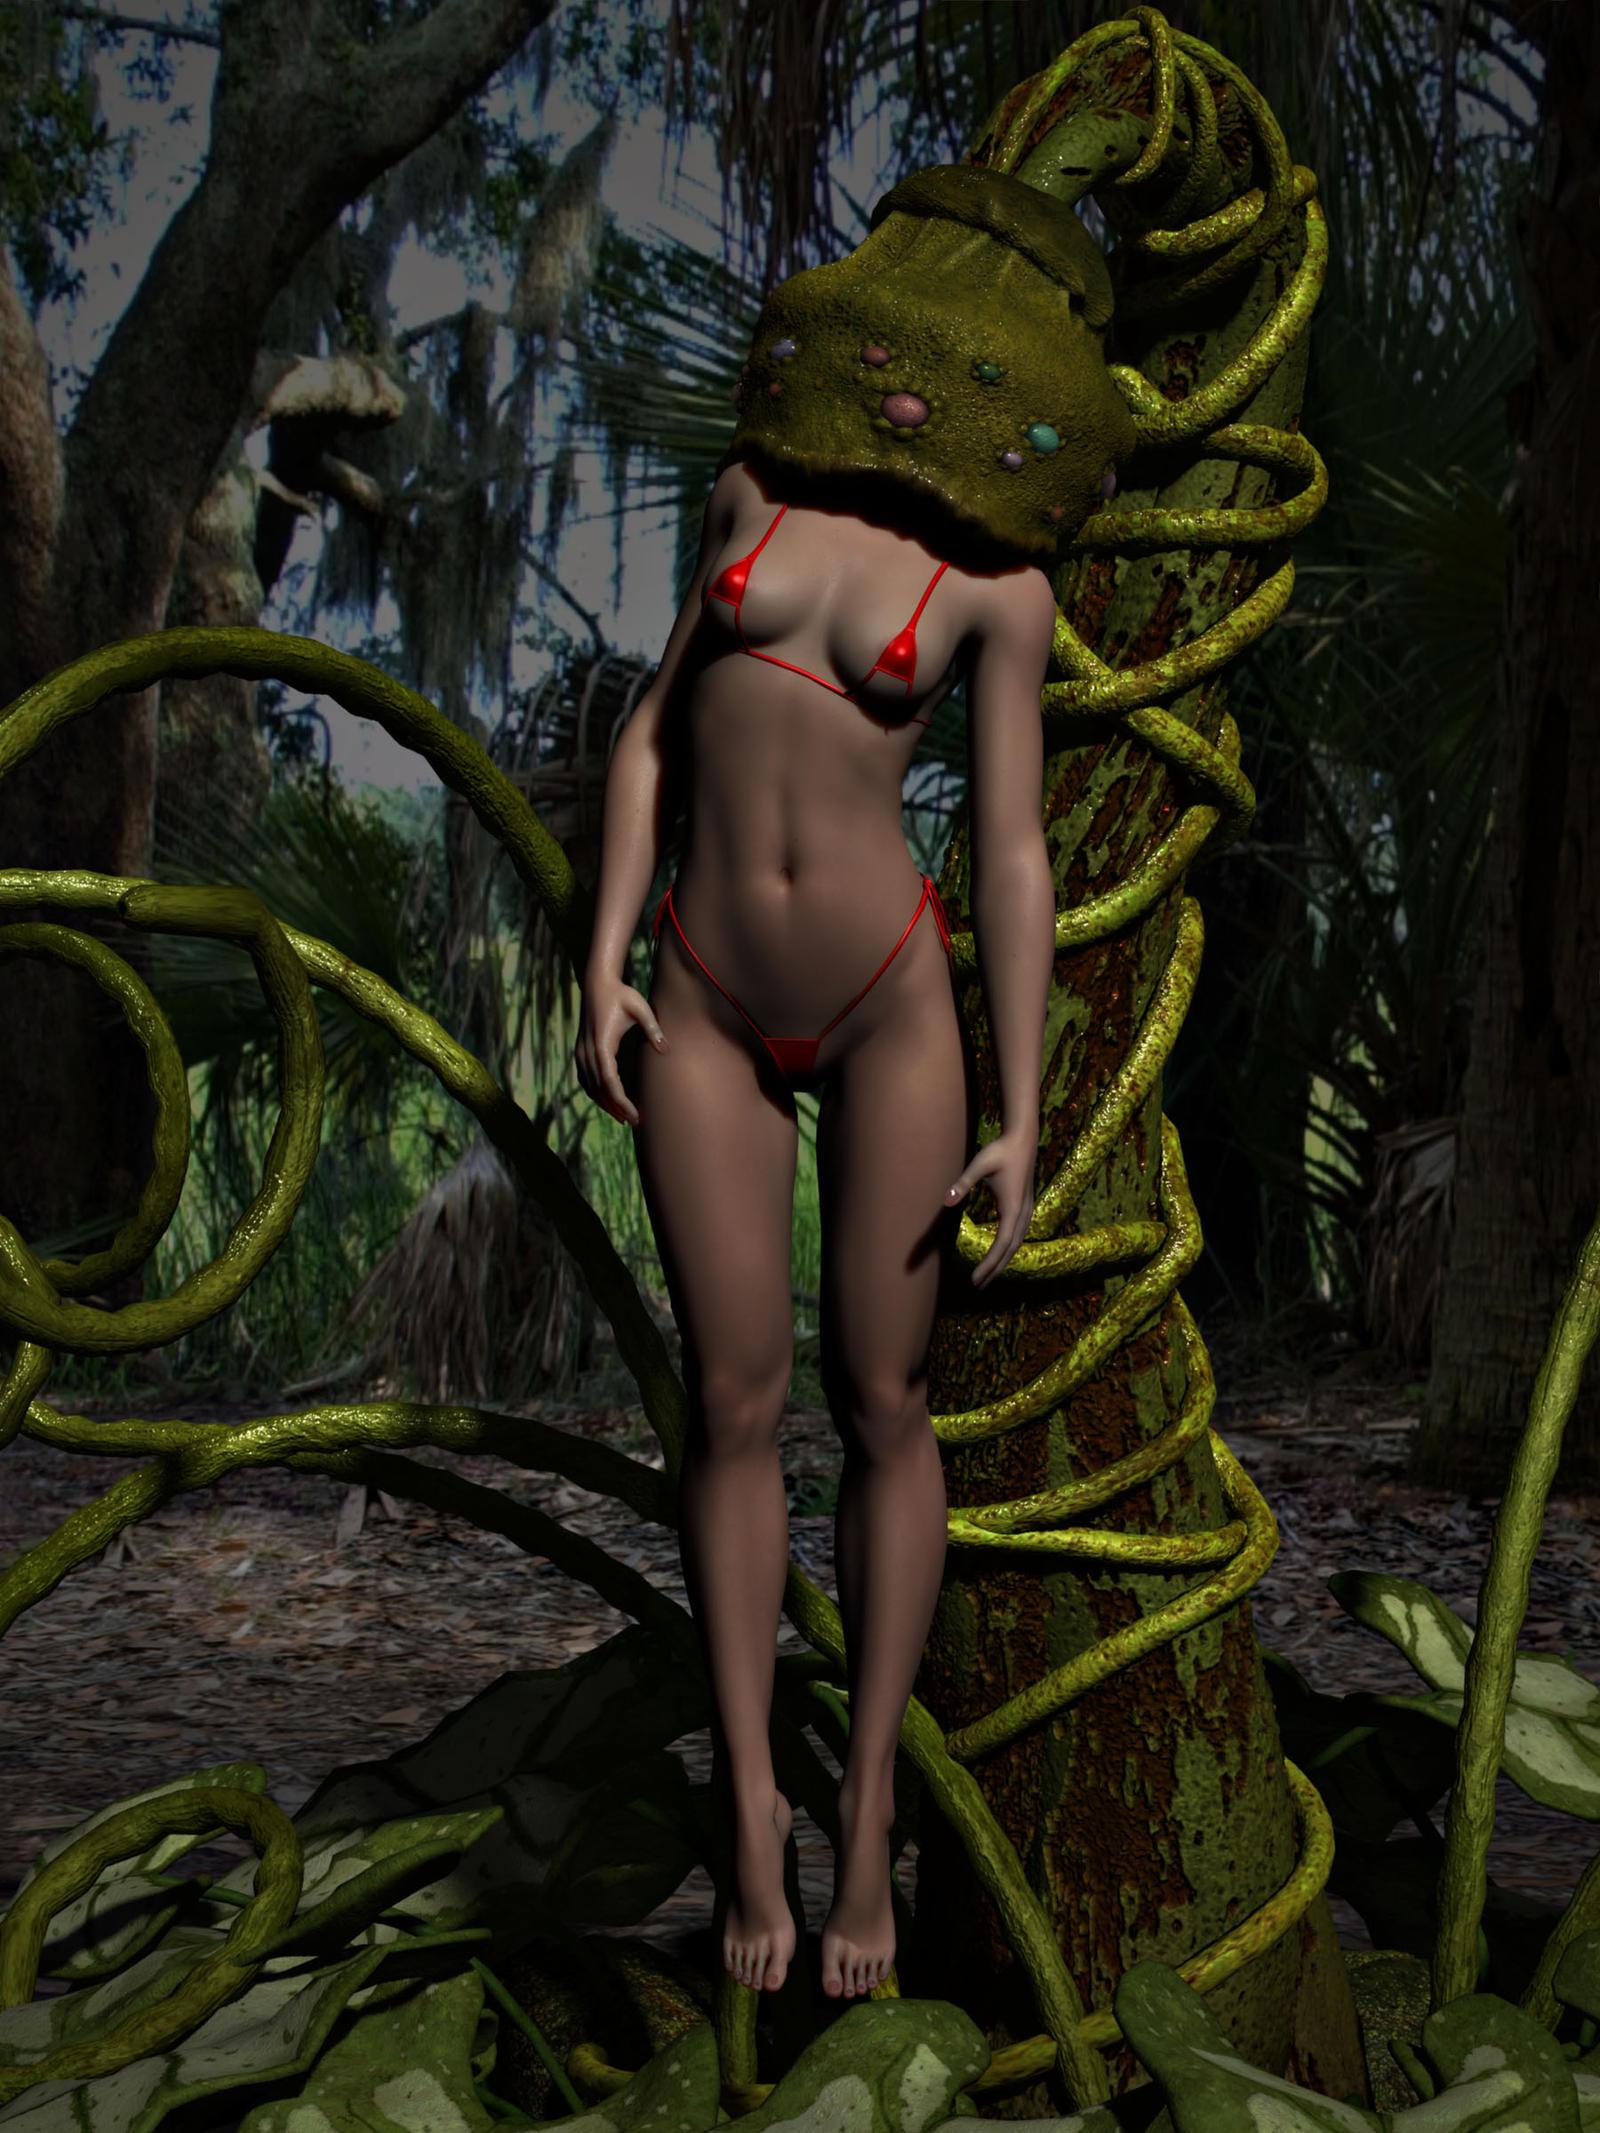 Amisha patel sex nude